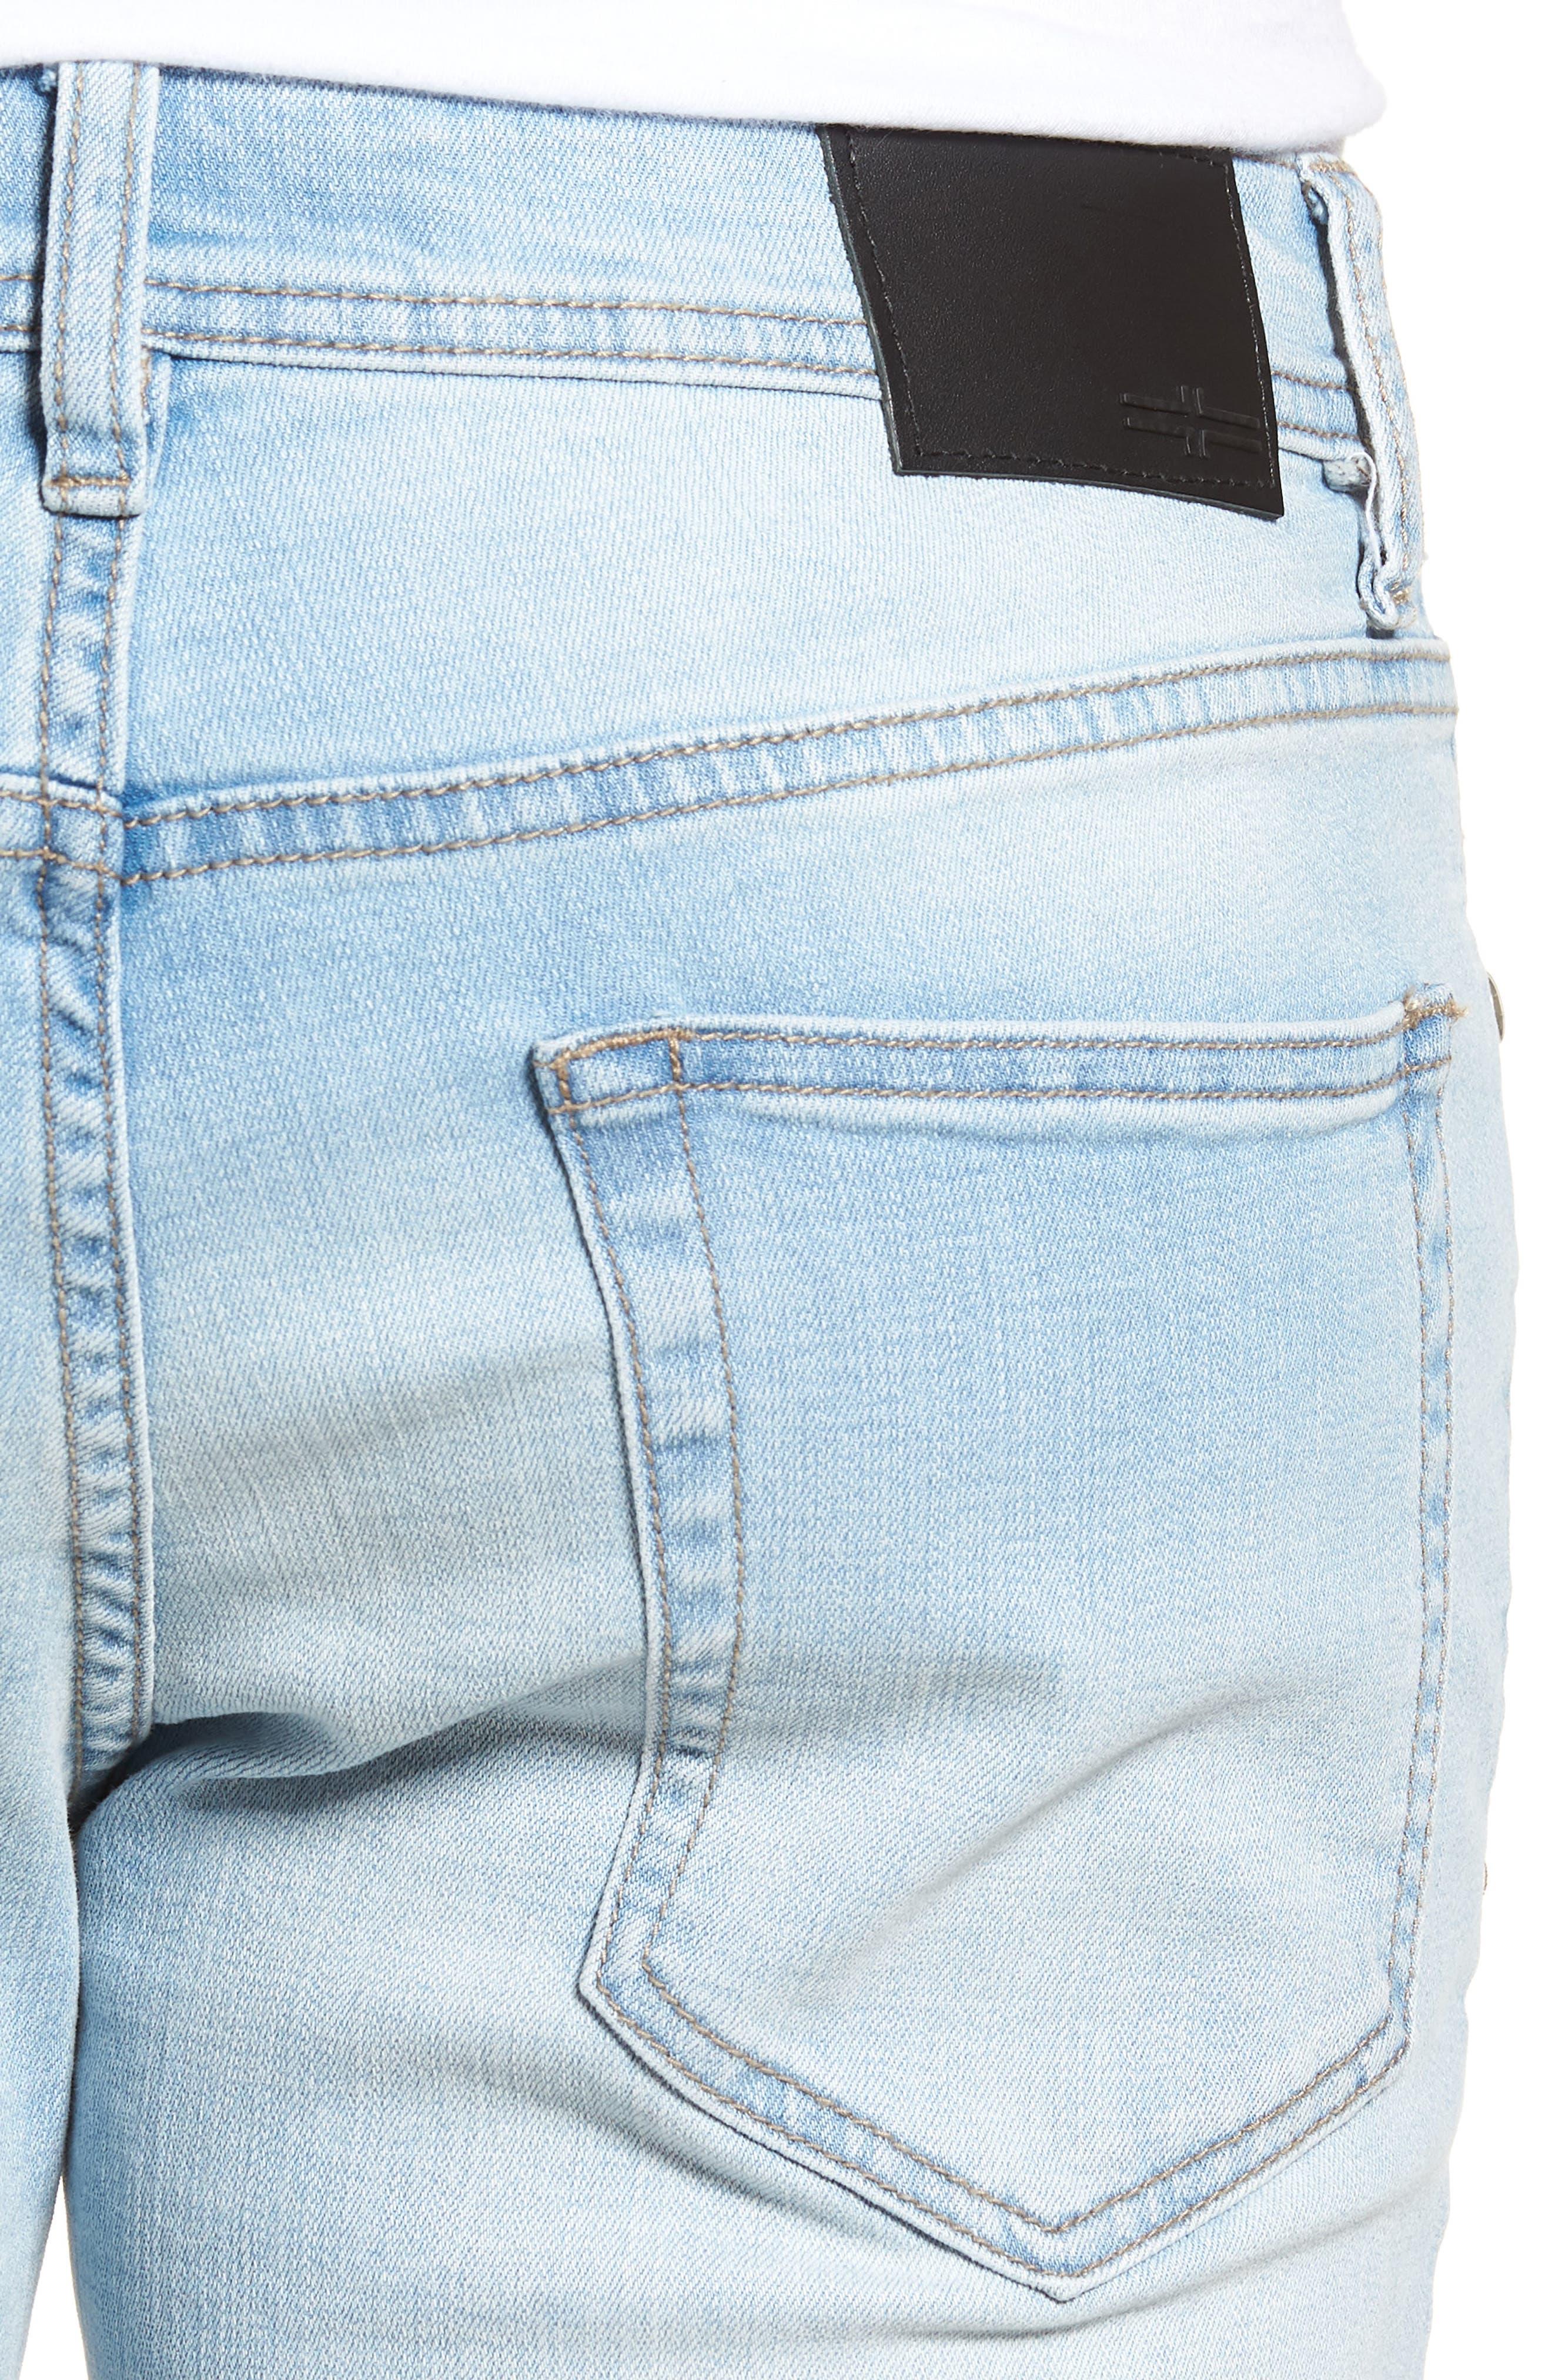 Jeans Co. Straight Leg Jeans,                             Alternate thumbnail 4, color,                             Riverside Light